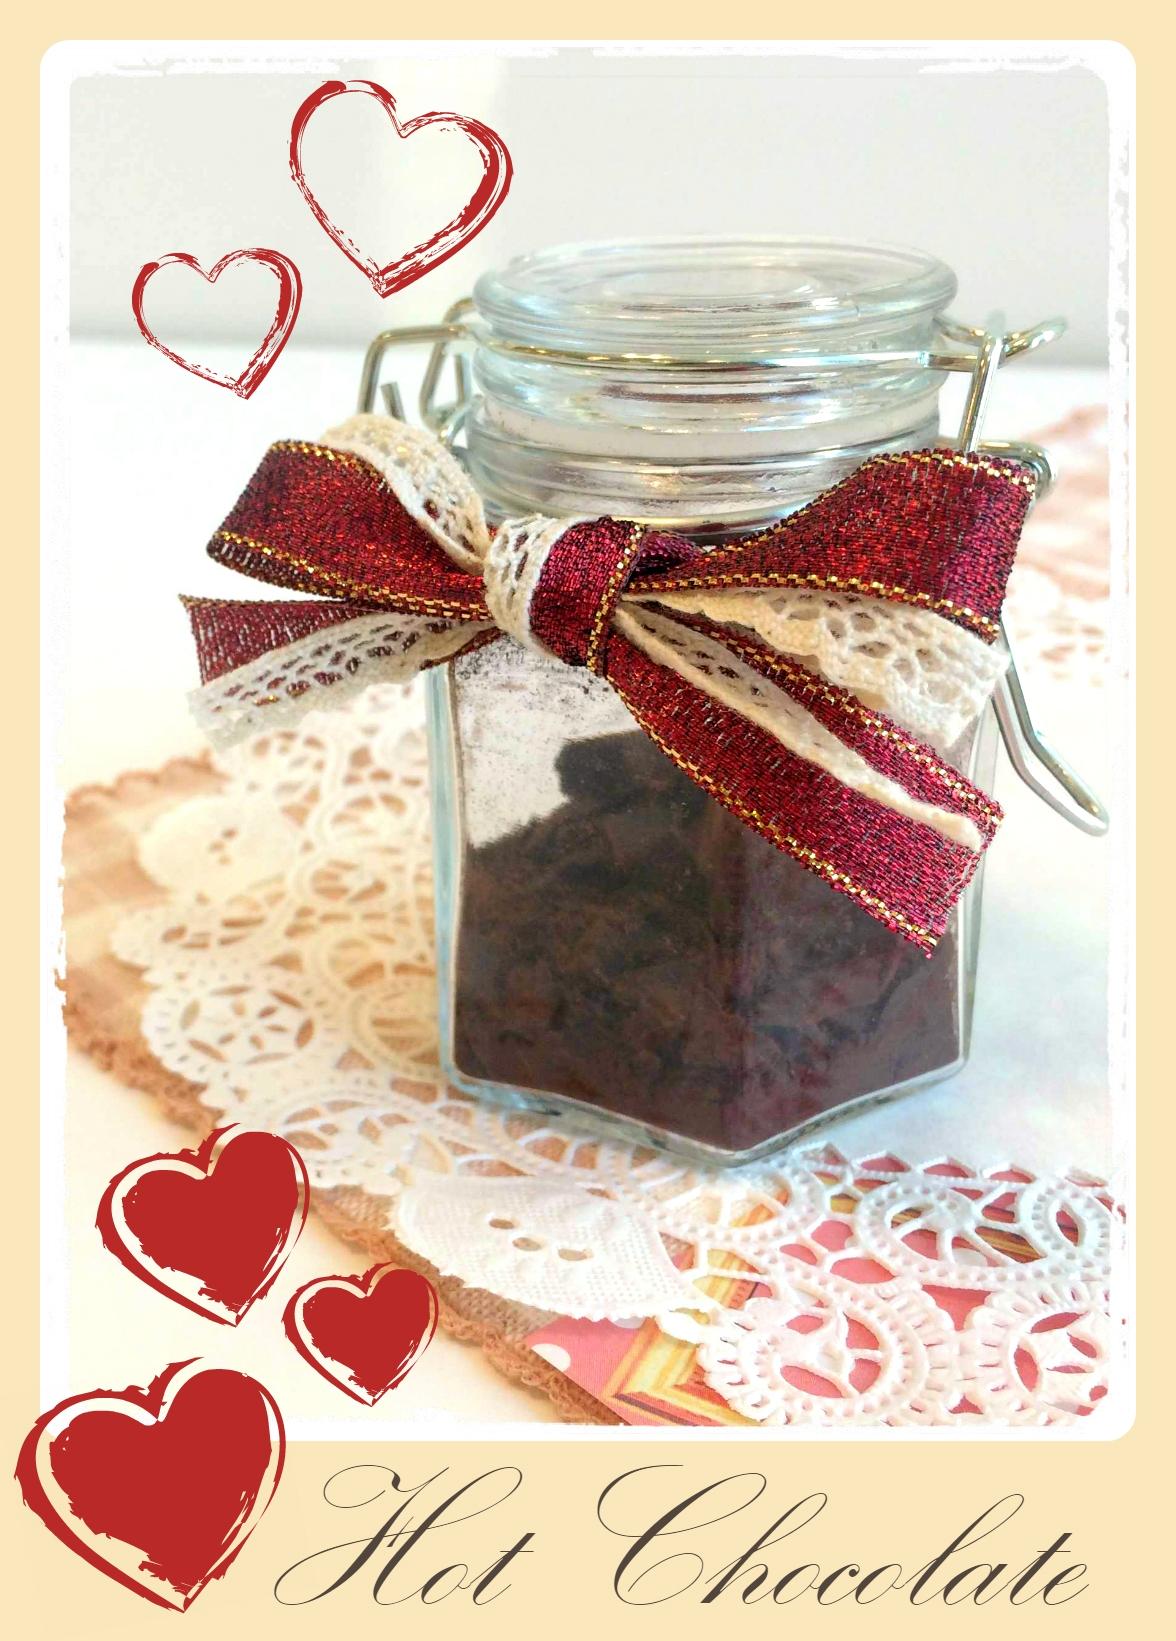 バレンタインにも◎簡単♪濃厚なホットチョコレート